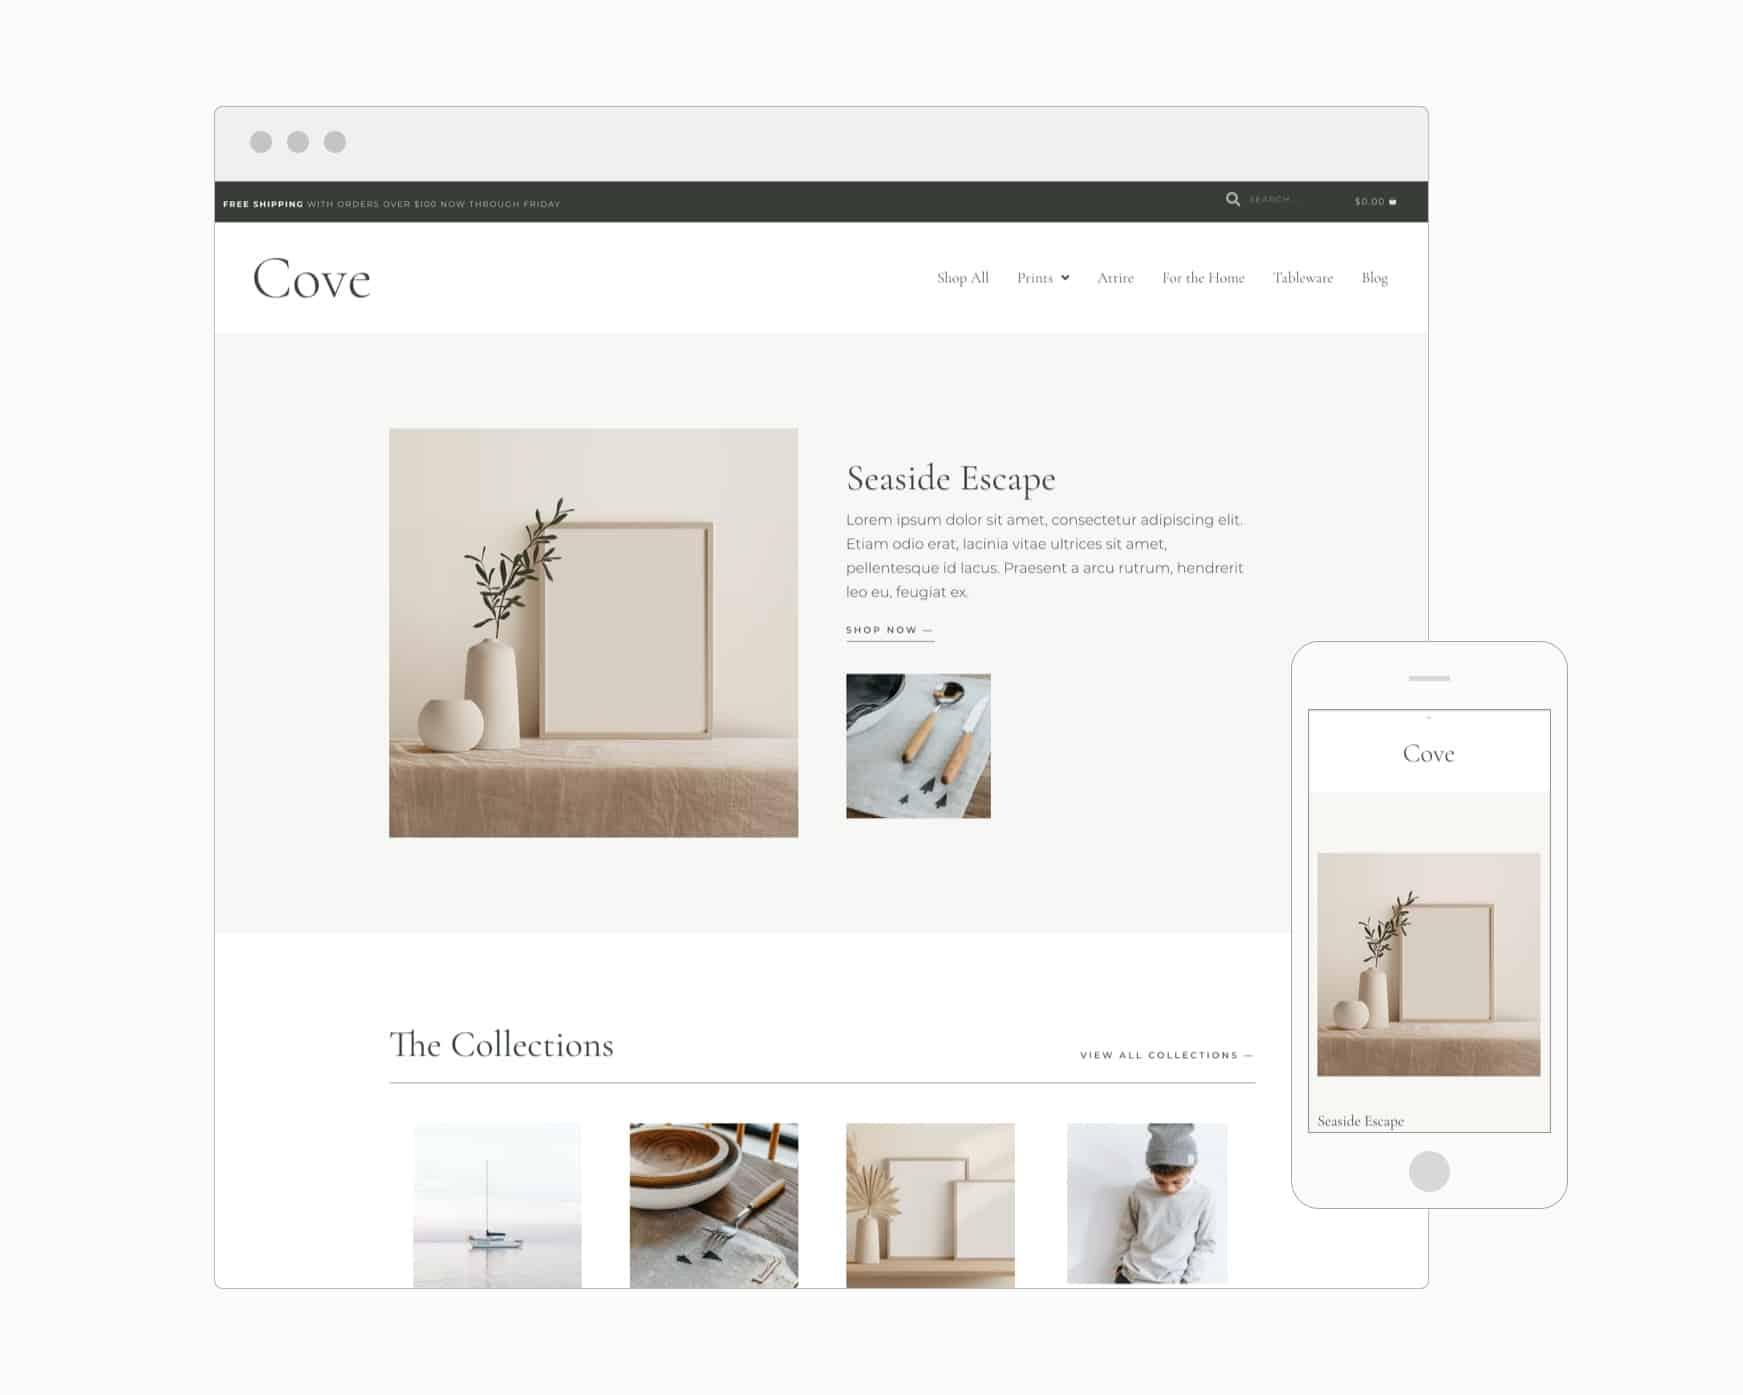 Cove (Showit)